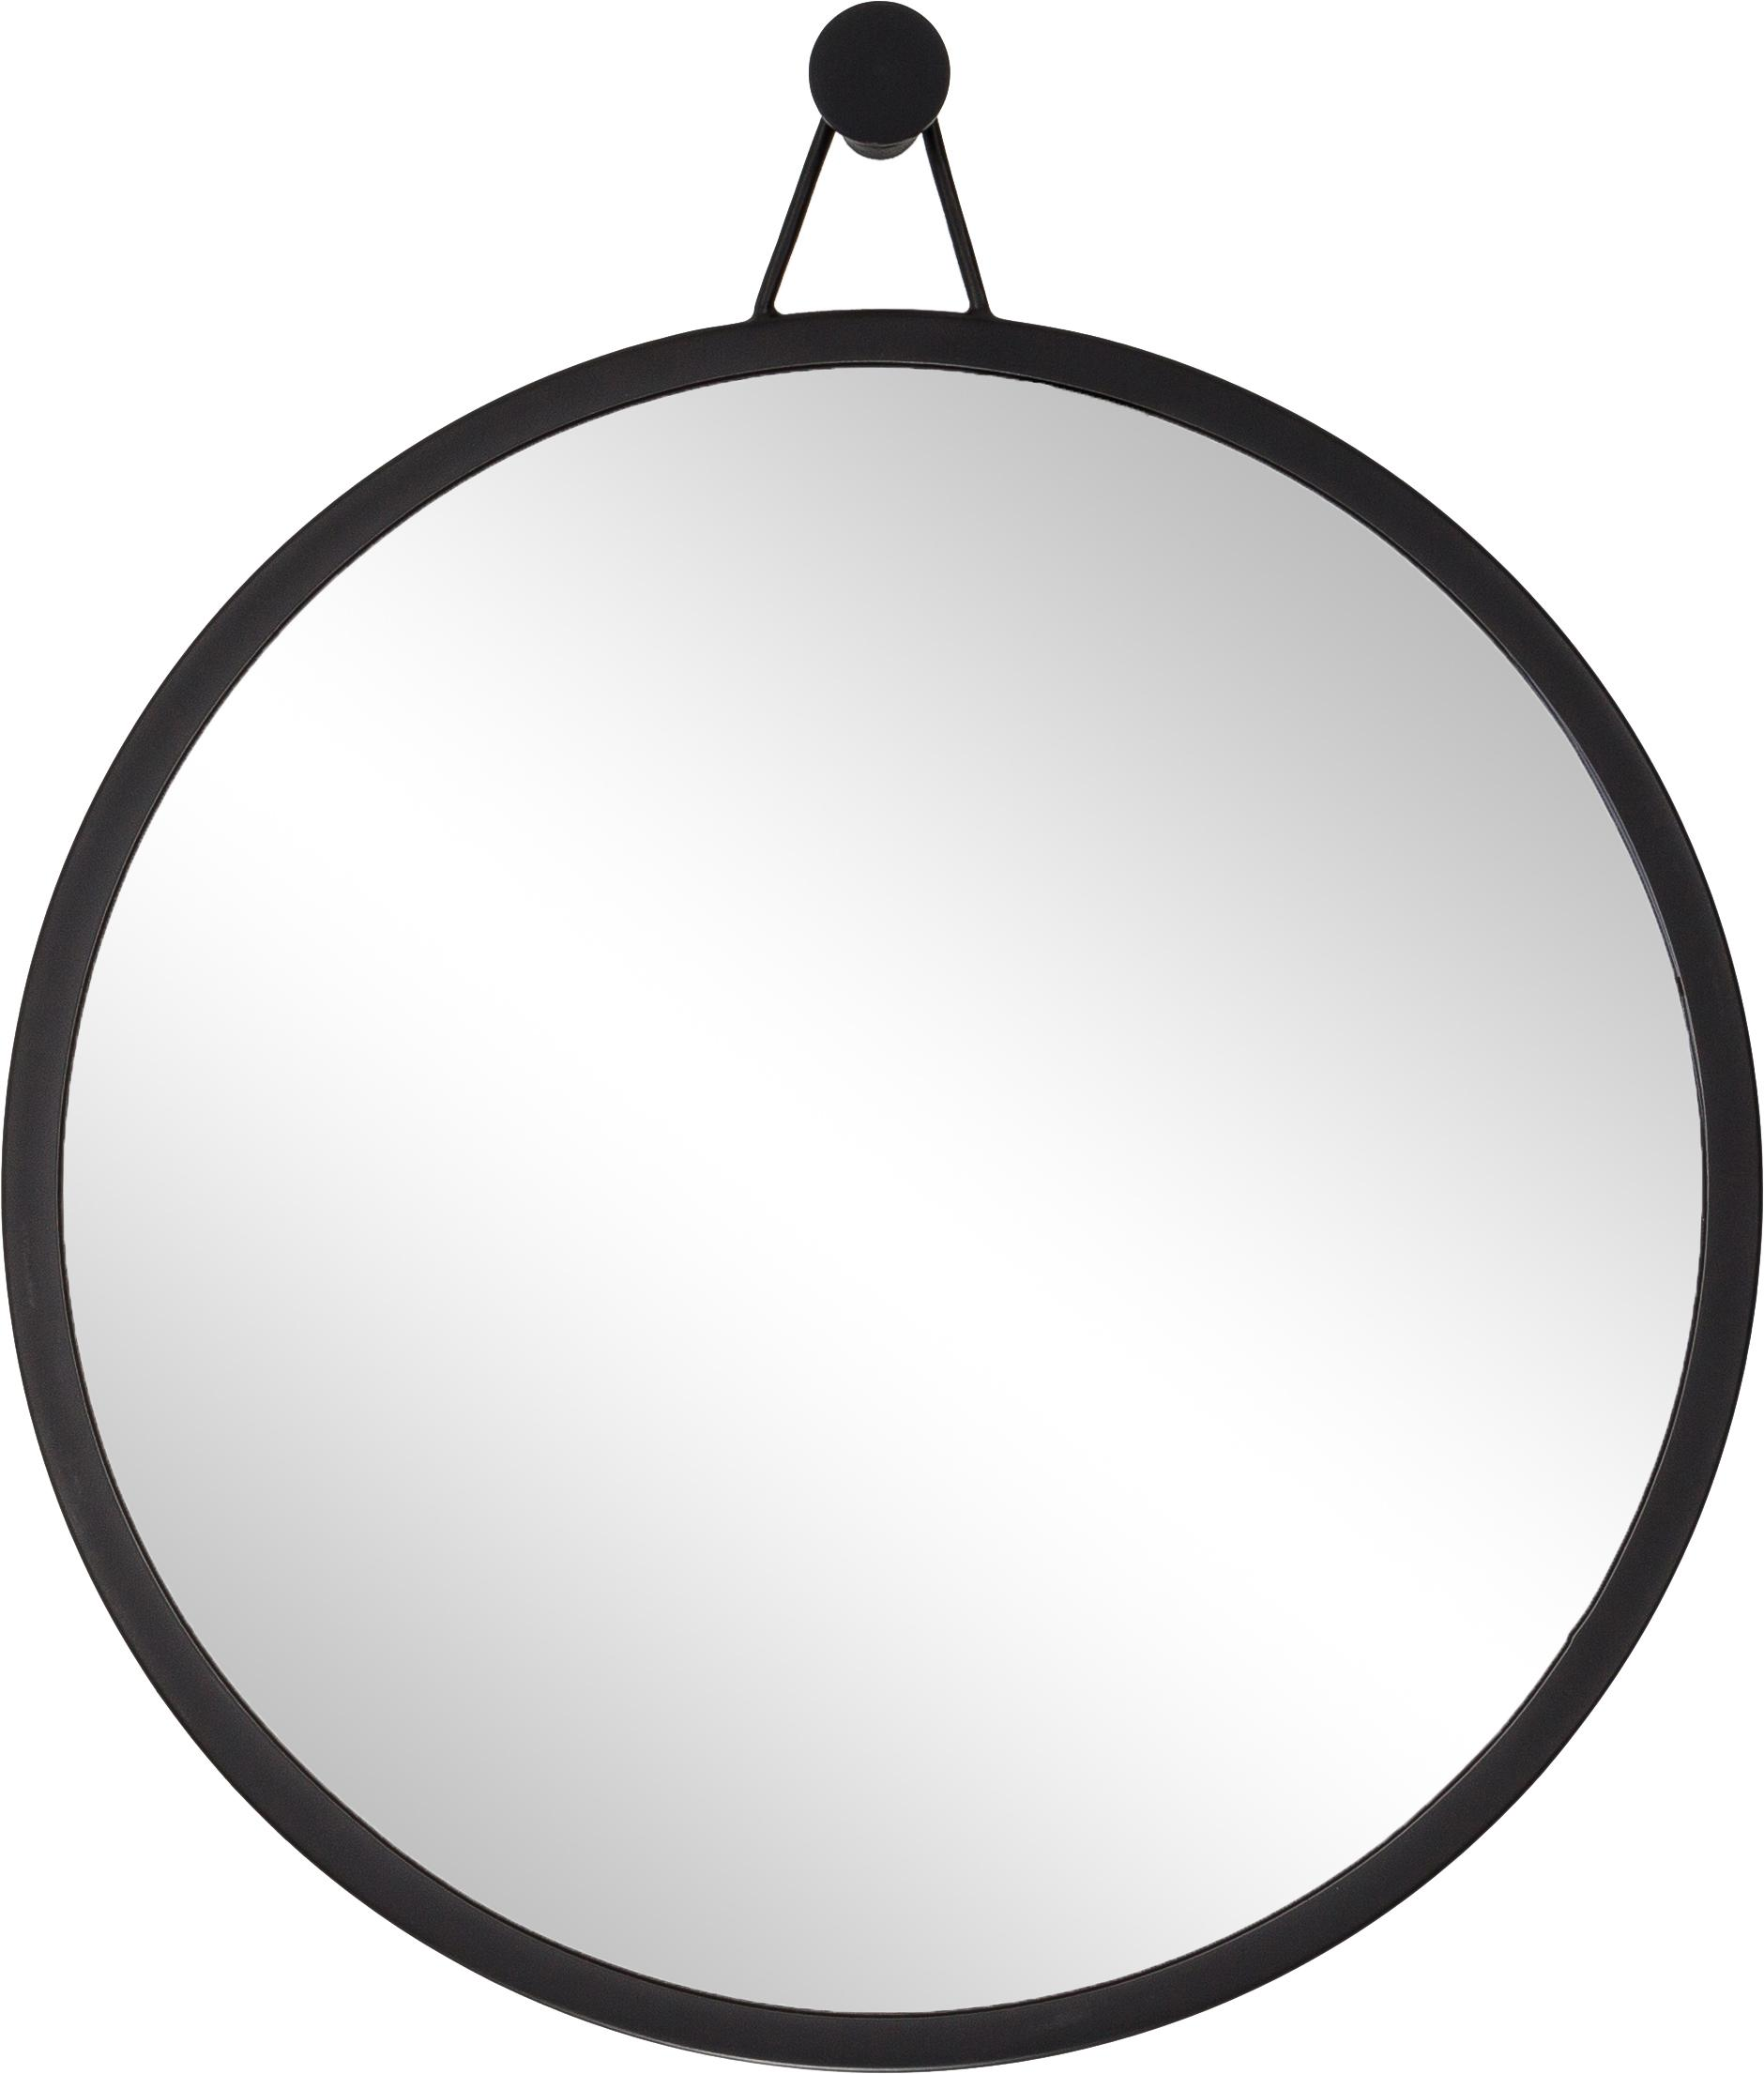 Specchio da parete rotondo con cornice nera Lizzy, Cornice: ferro verniciato a polver, Superficie dello specchio: lastra di vetro, Nero, Ø 60 cm